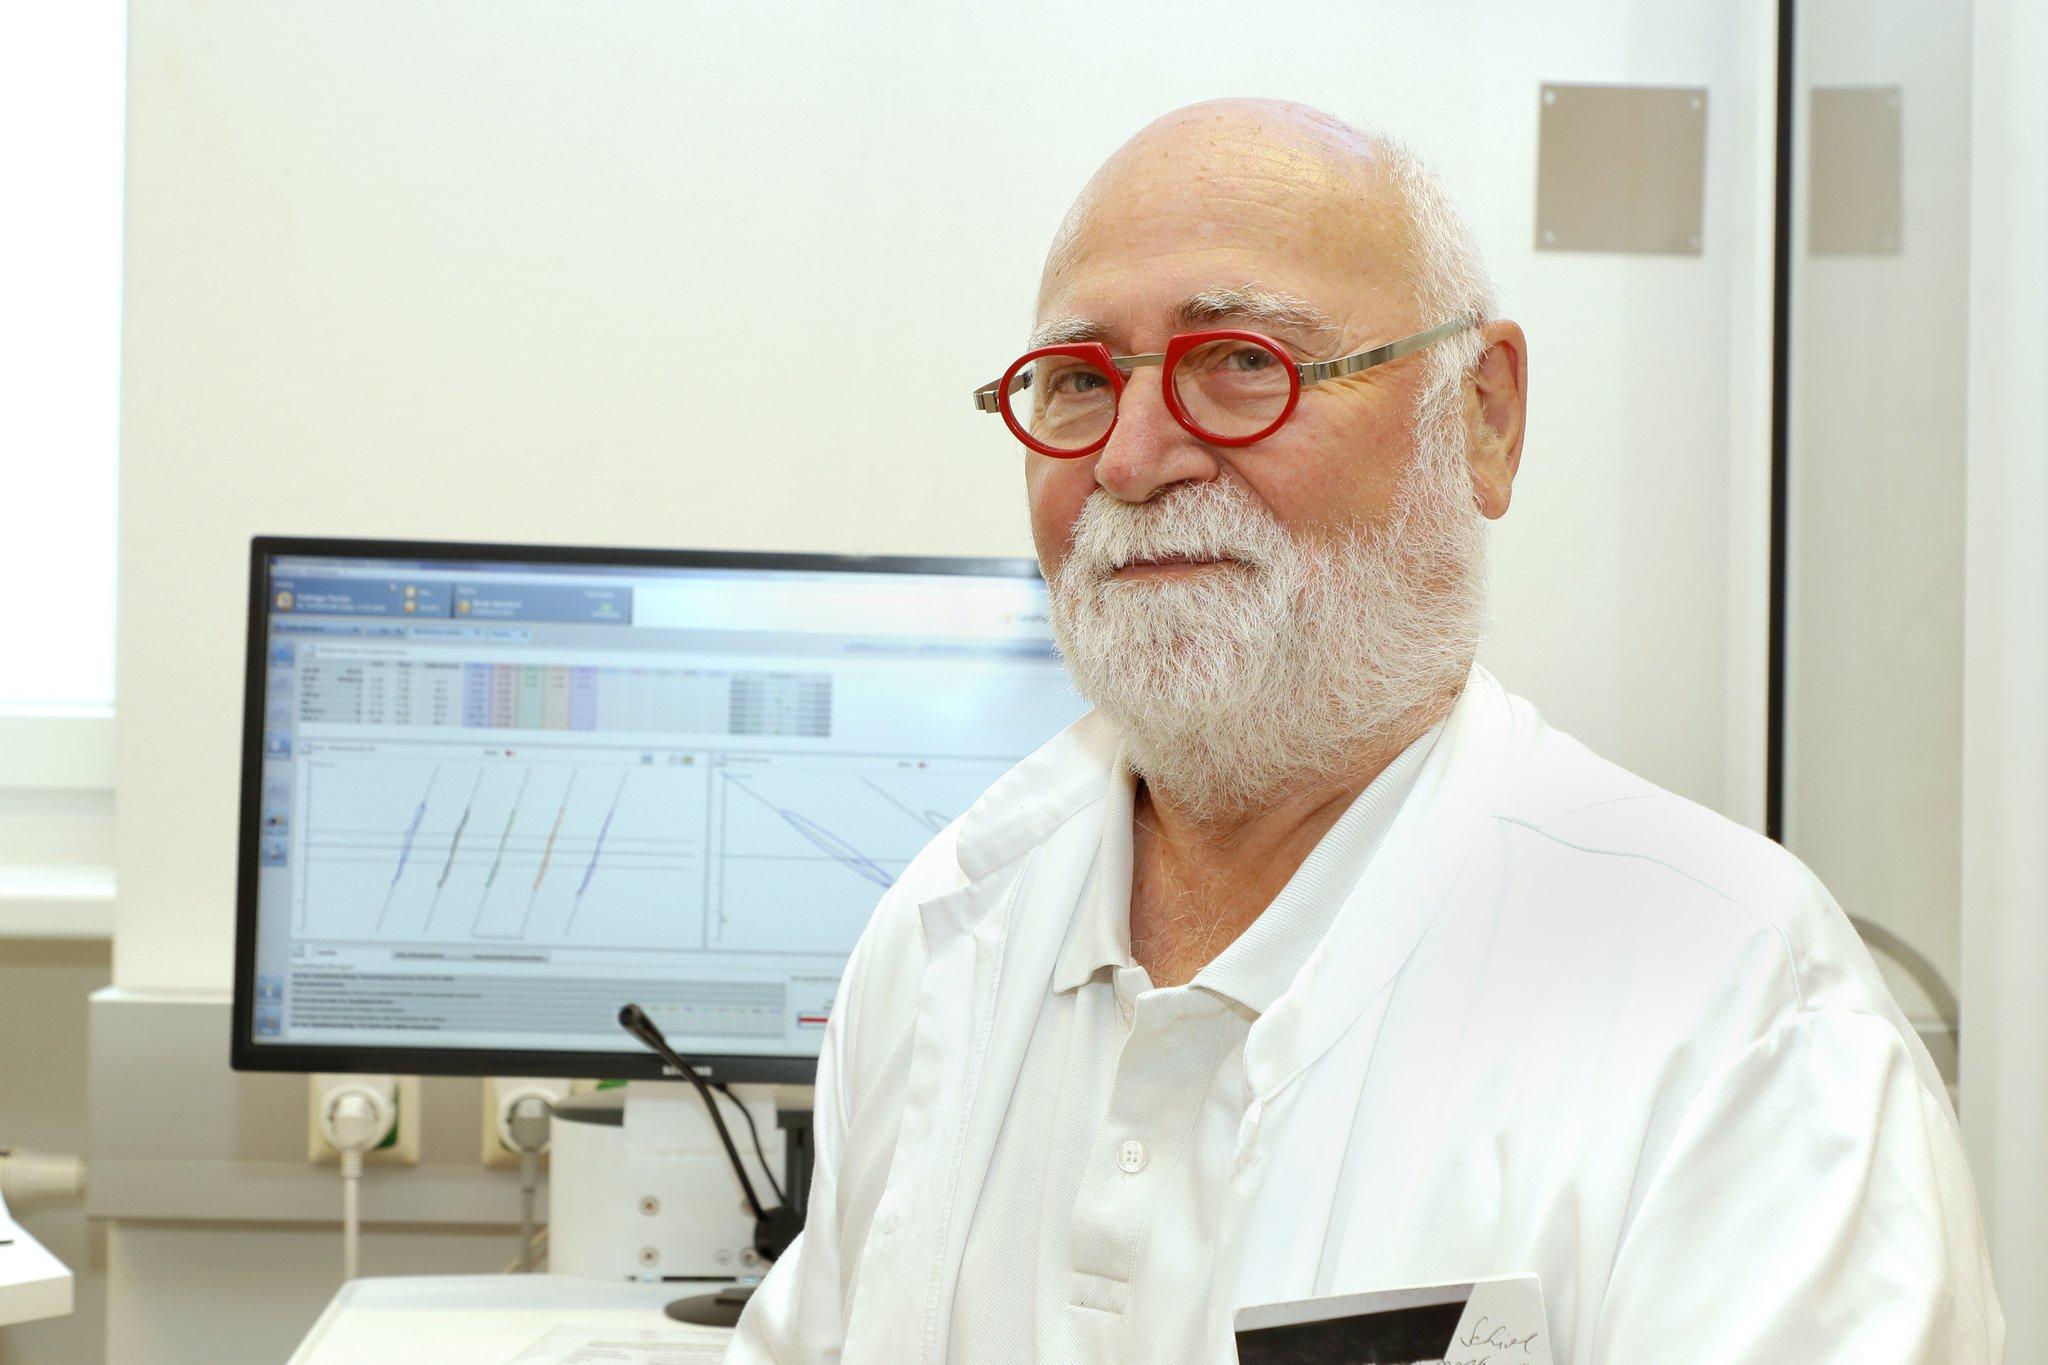 Corona Ansteckungsgefahr Durch Klimaanlagen Im Buro Sauerstoffmangel Durch Masken Lungenexperte Beruhigt Oberosterreich